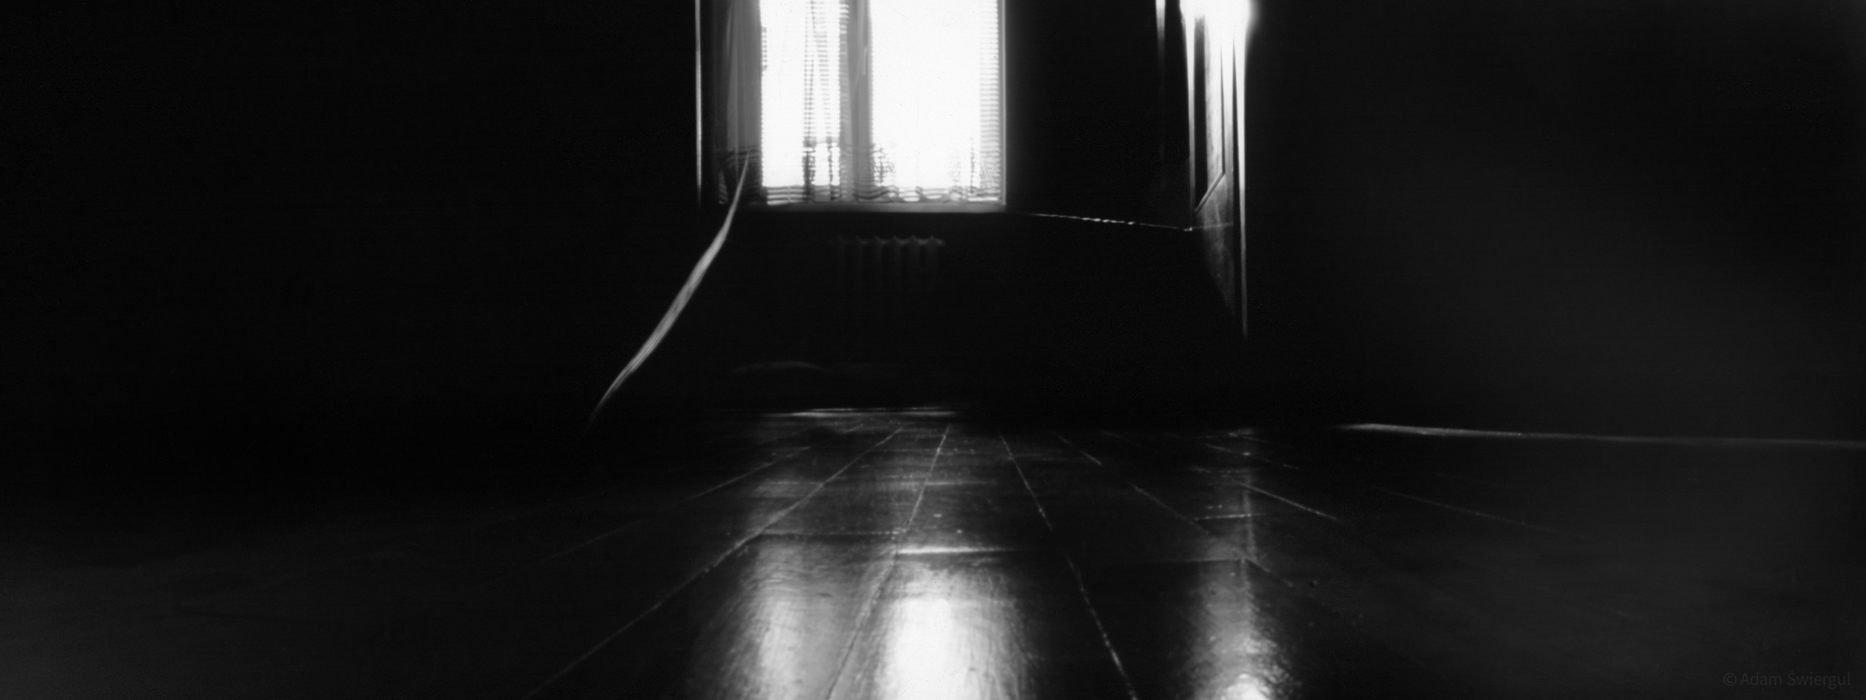 Wnętrze, podłoga